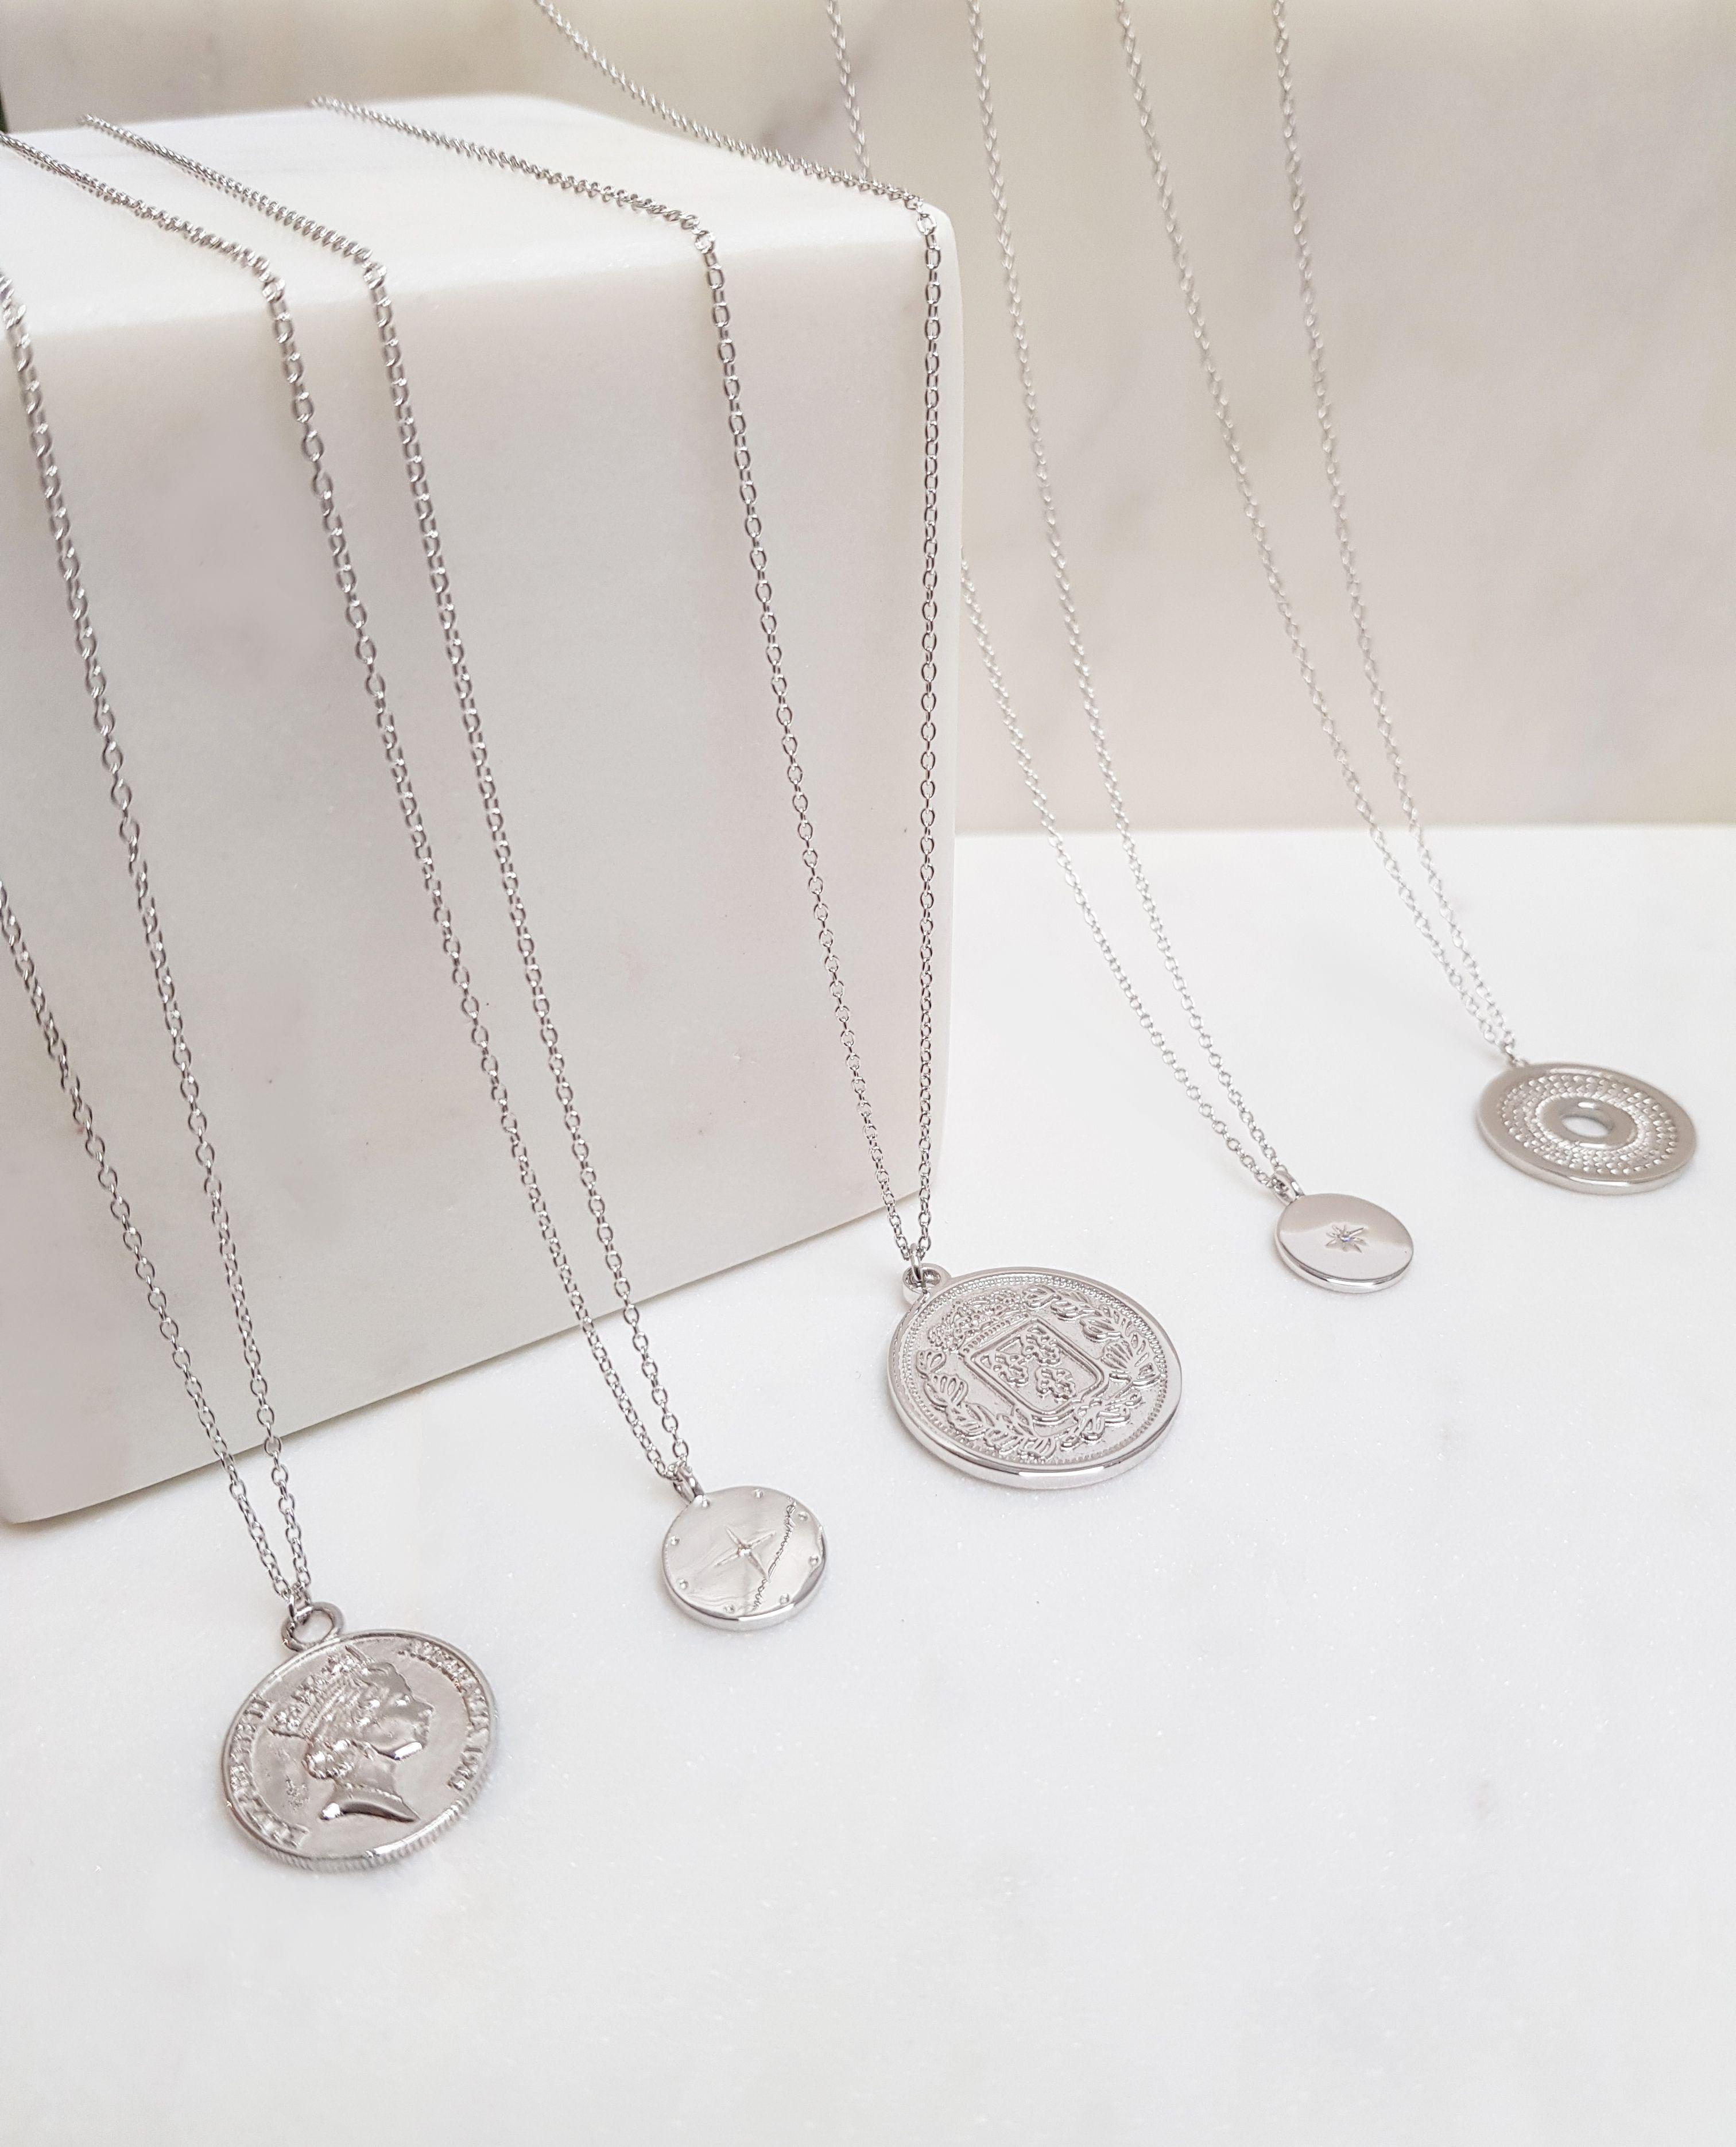 HEALLILY Colgante deportivo de aleaci/ón con mancuernas y colgantes de plata envejecida para joyas y manualidades estilo mixto